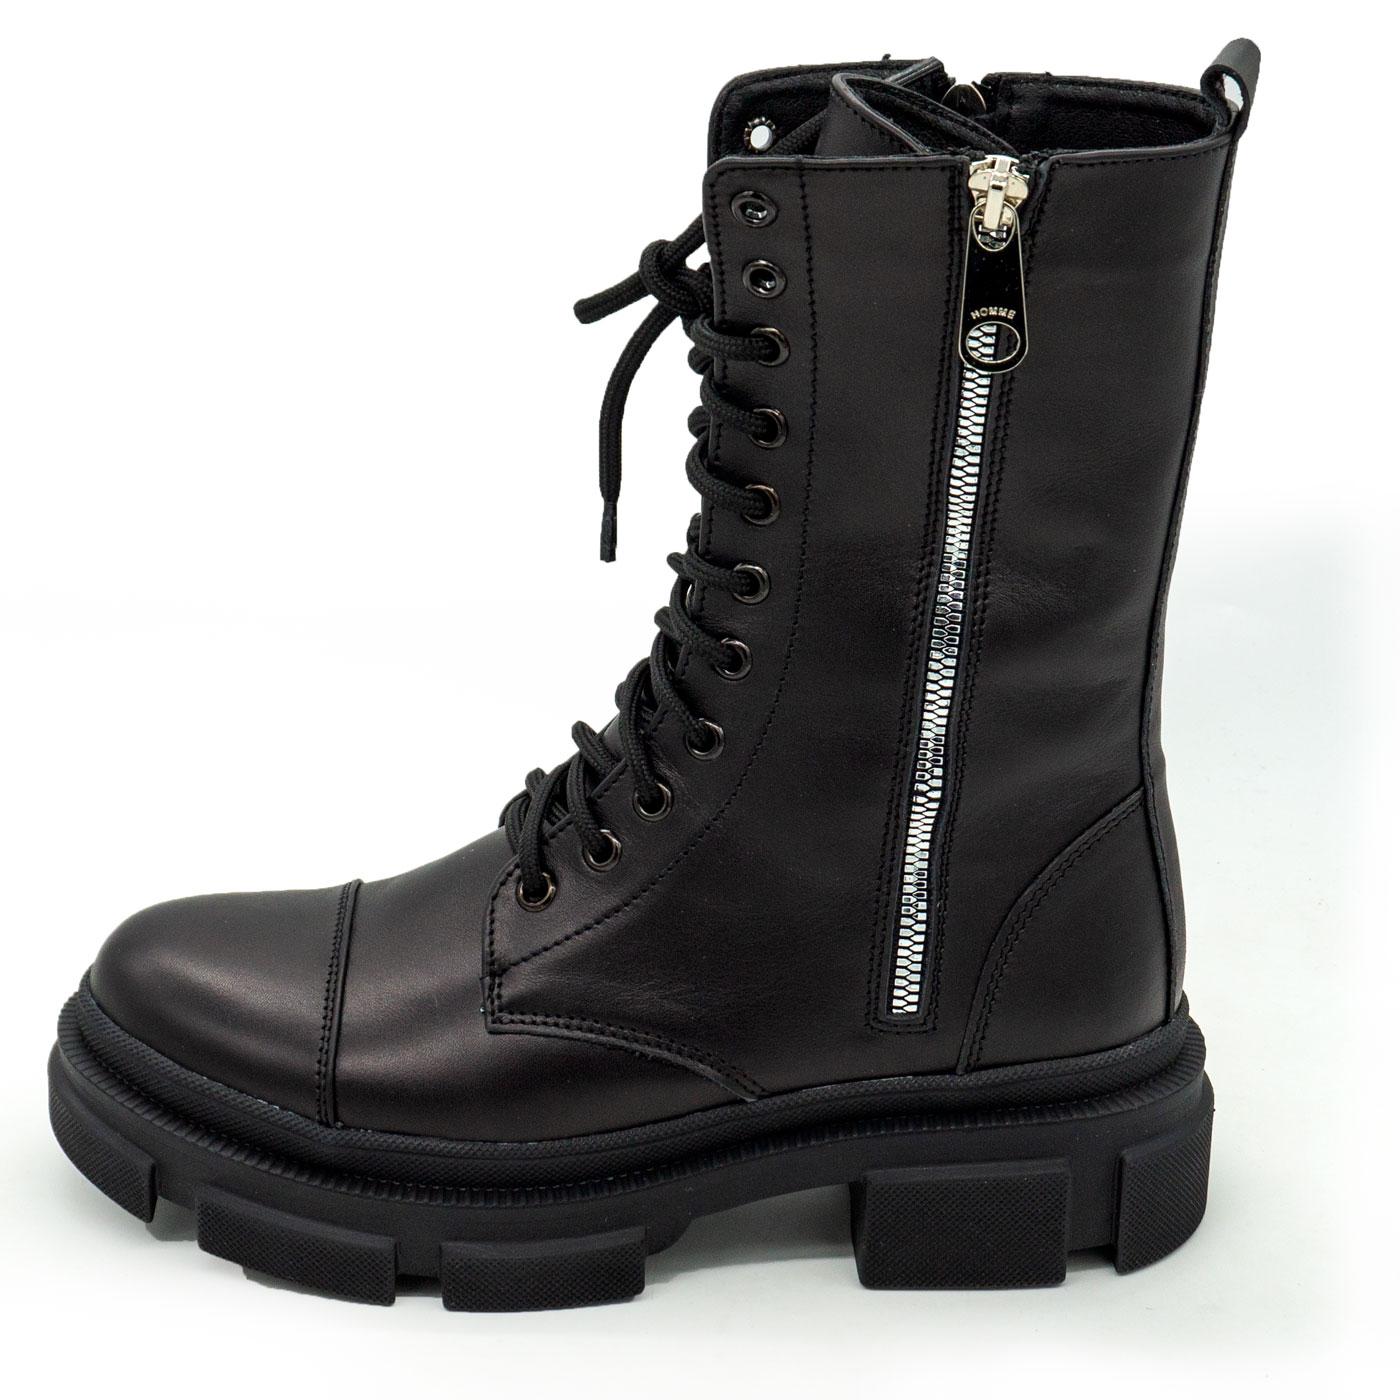 фото main Зимние черные женские ботинки в Dr. Martens на платформе - 0021 main